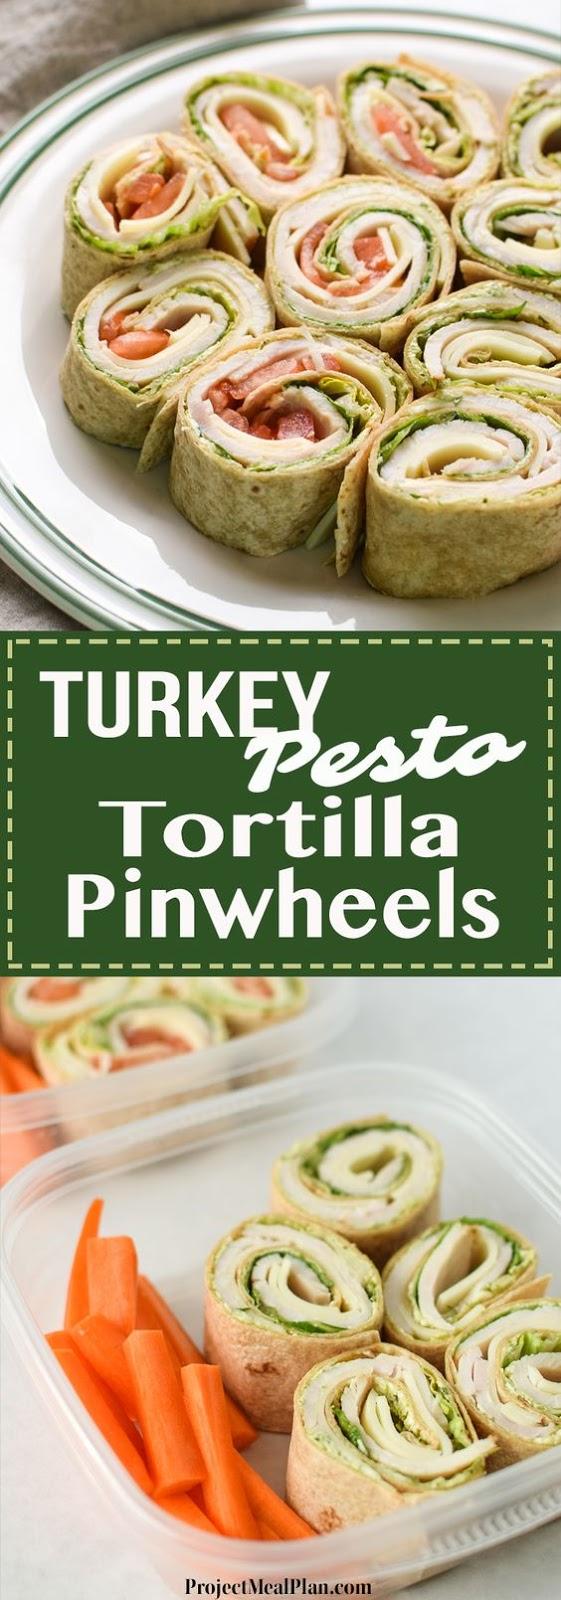 Turkey Pesto Tortílla PínWheels